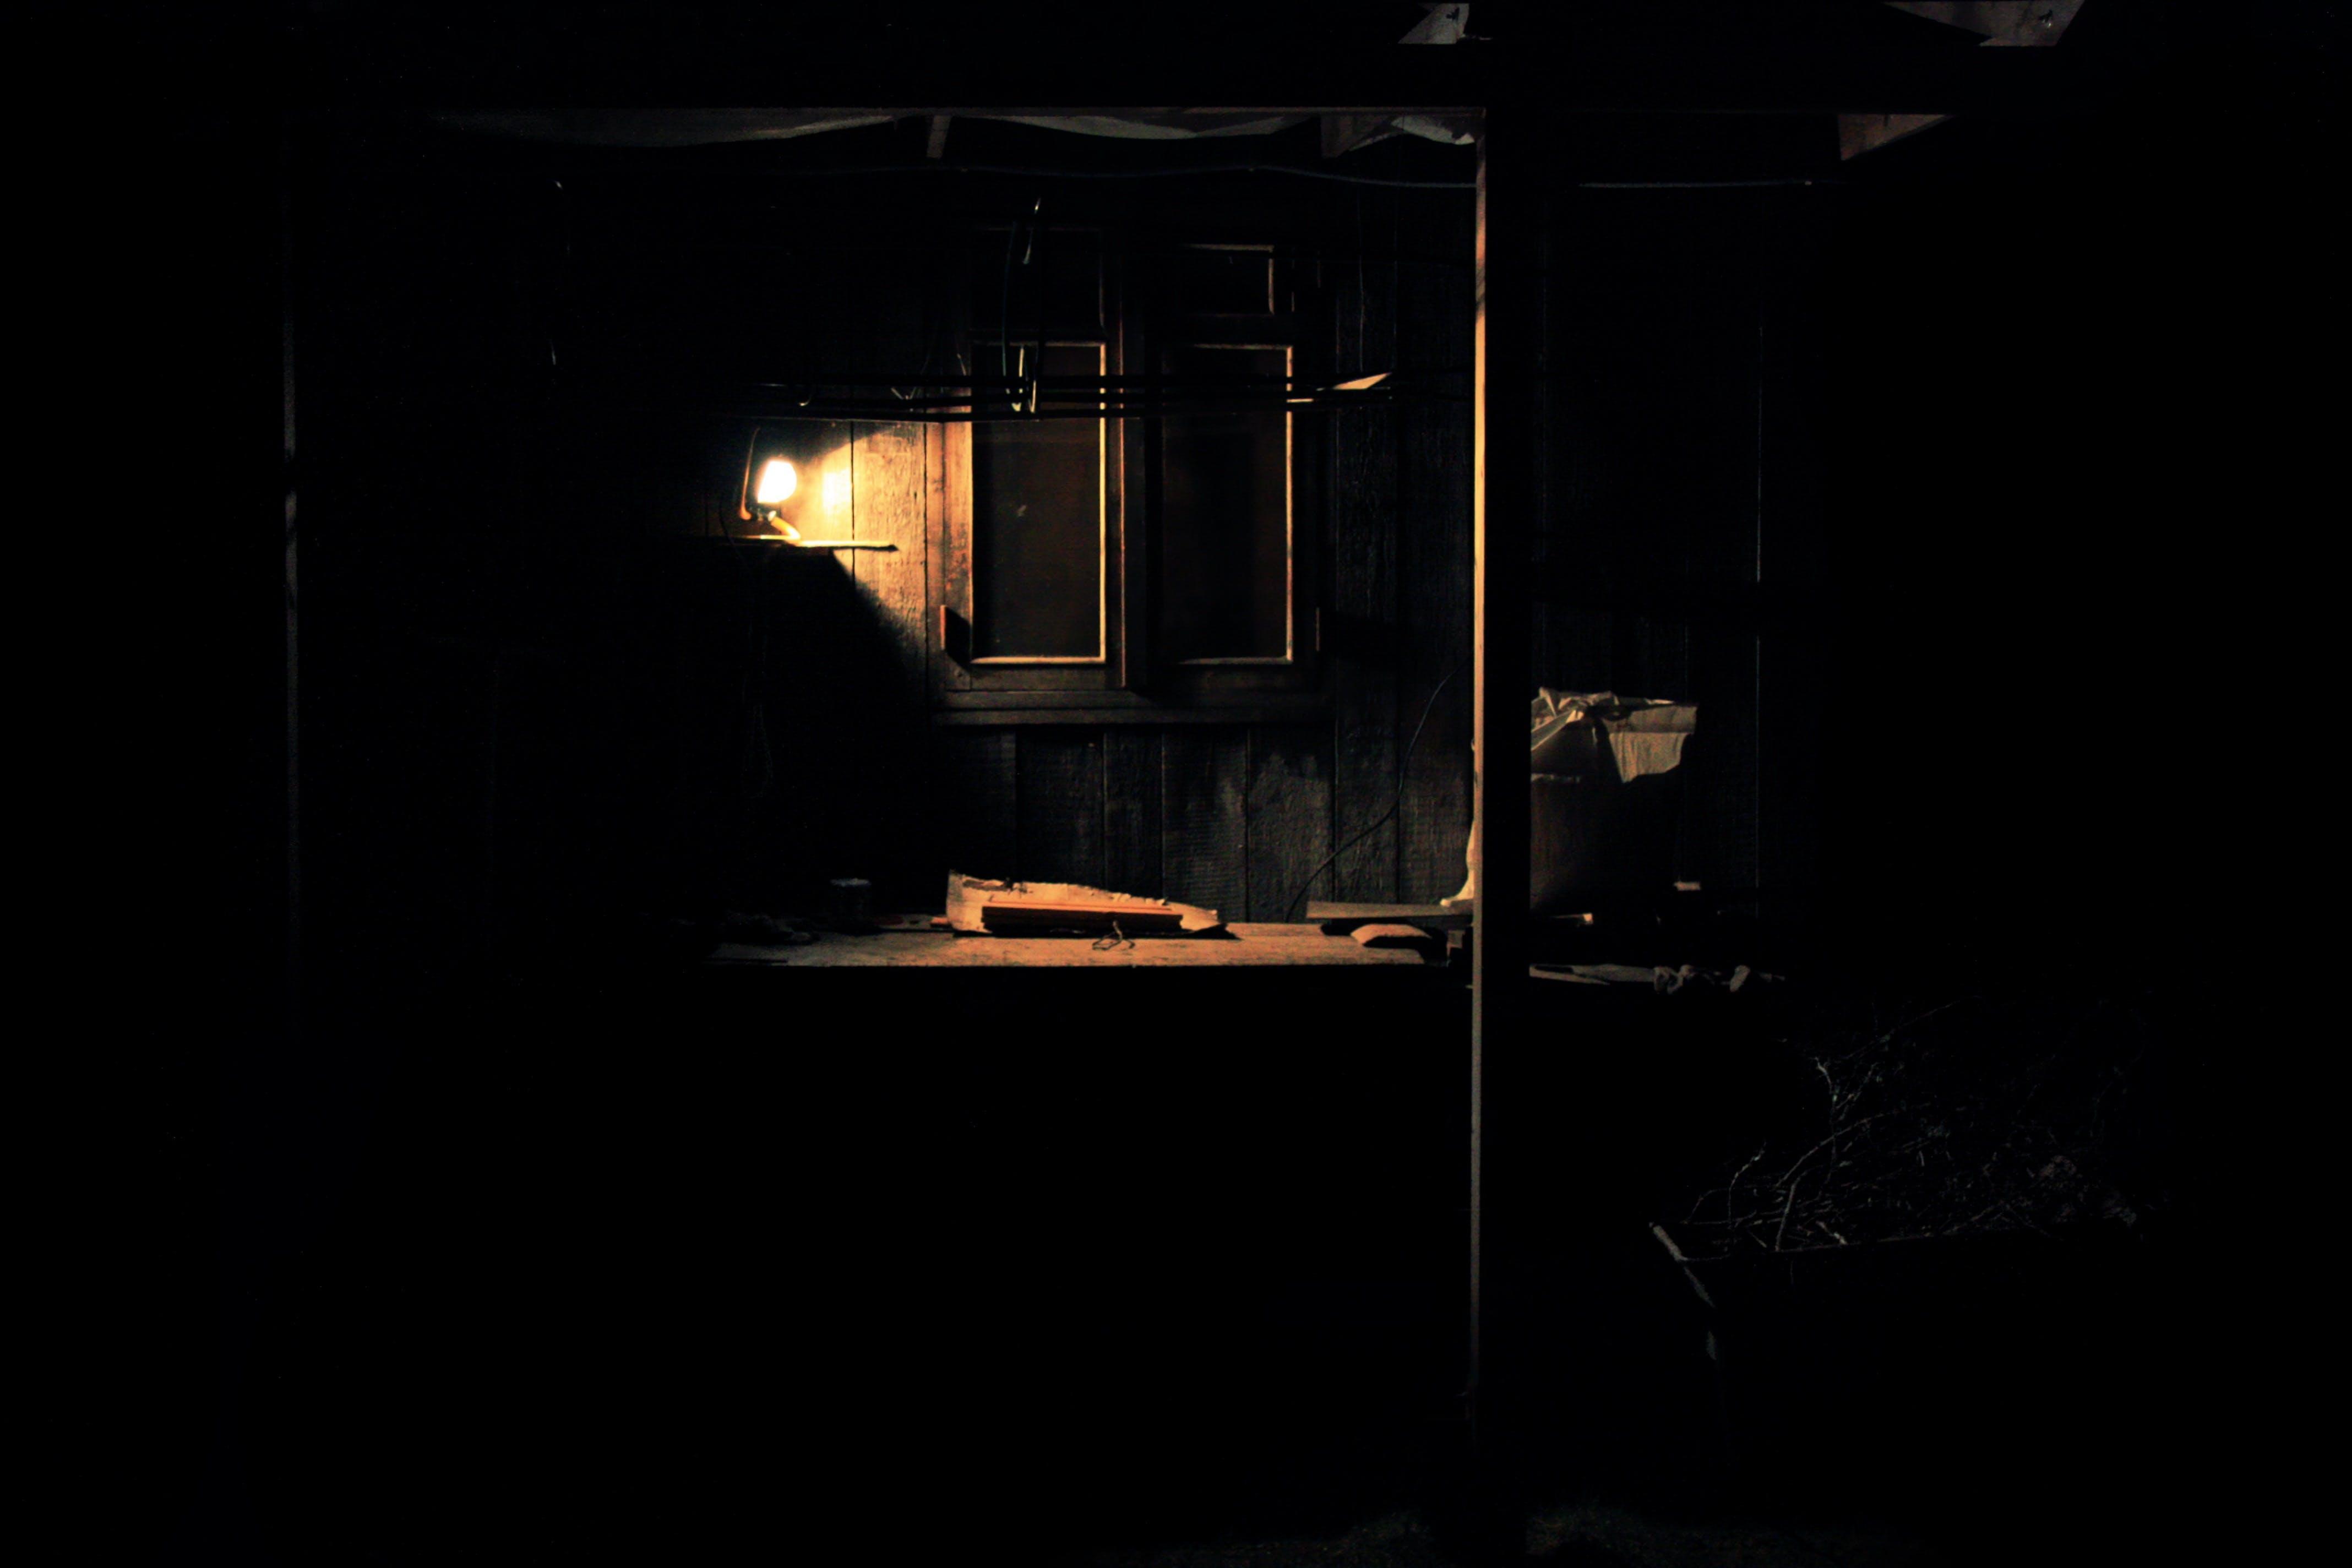 Free stock photo of night, dark, darkness, country